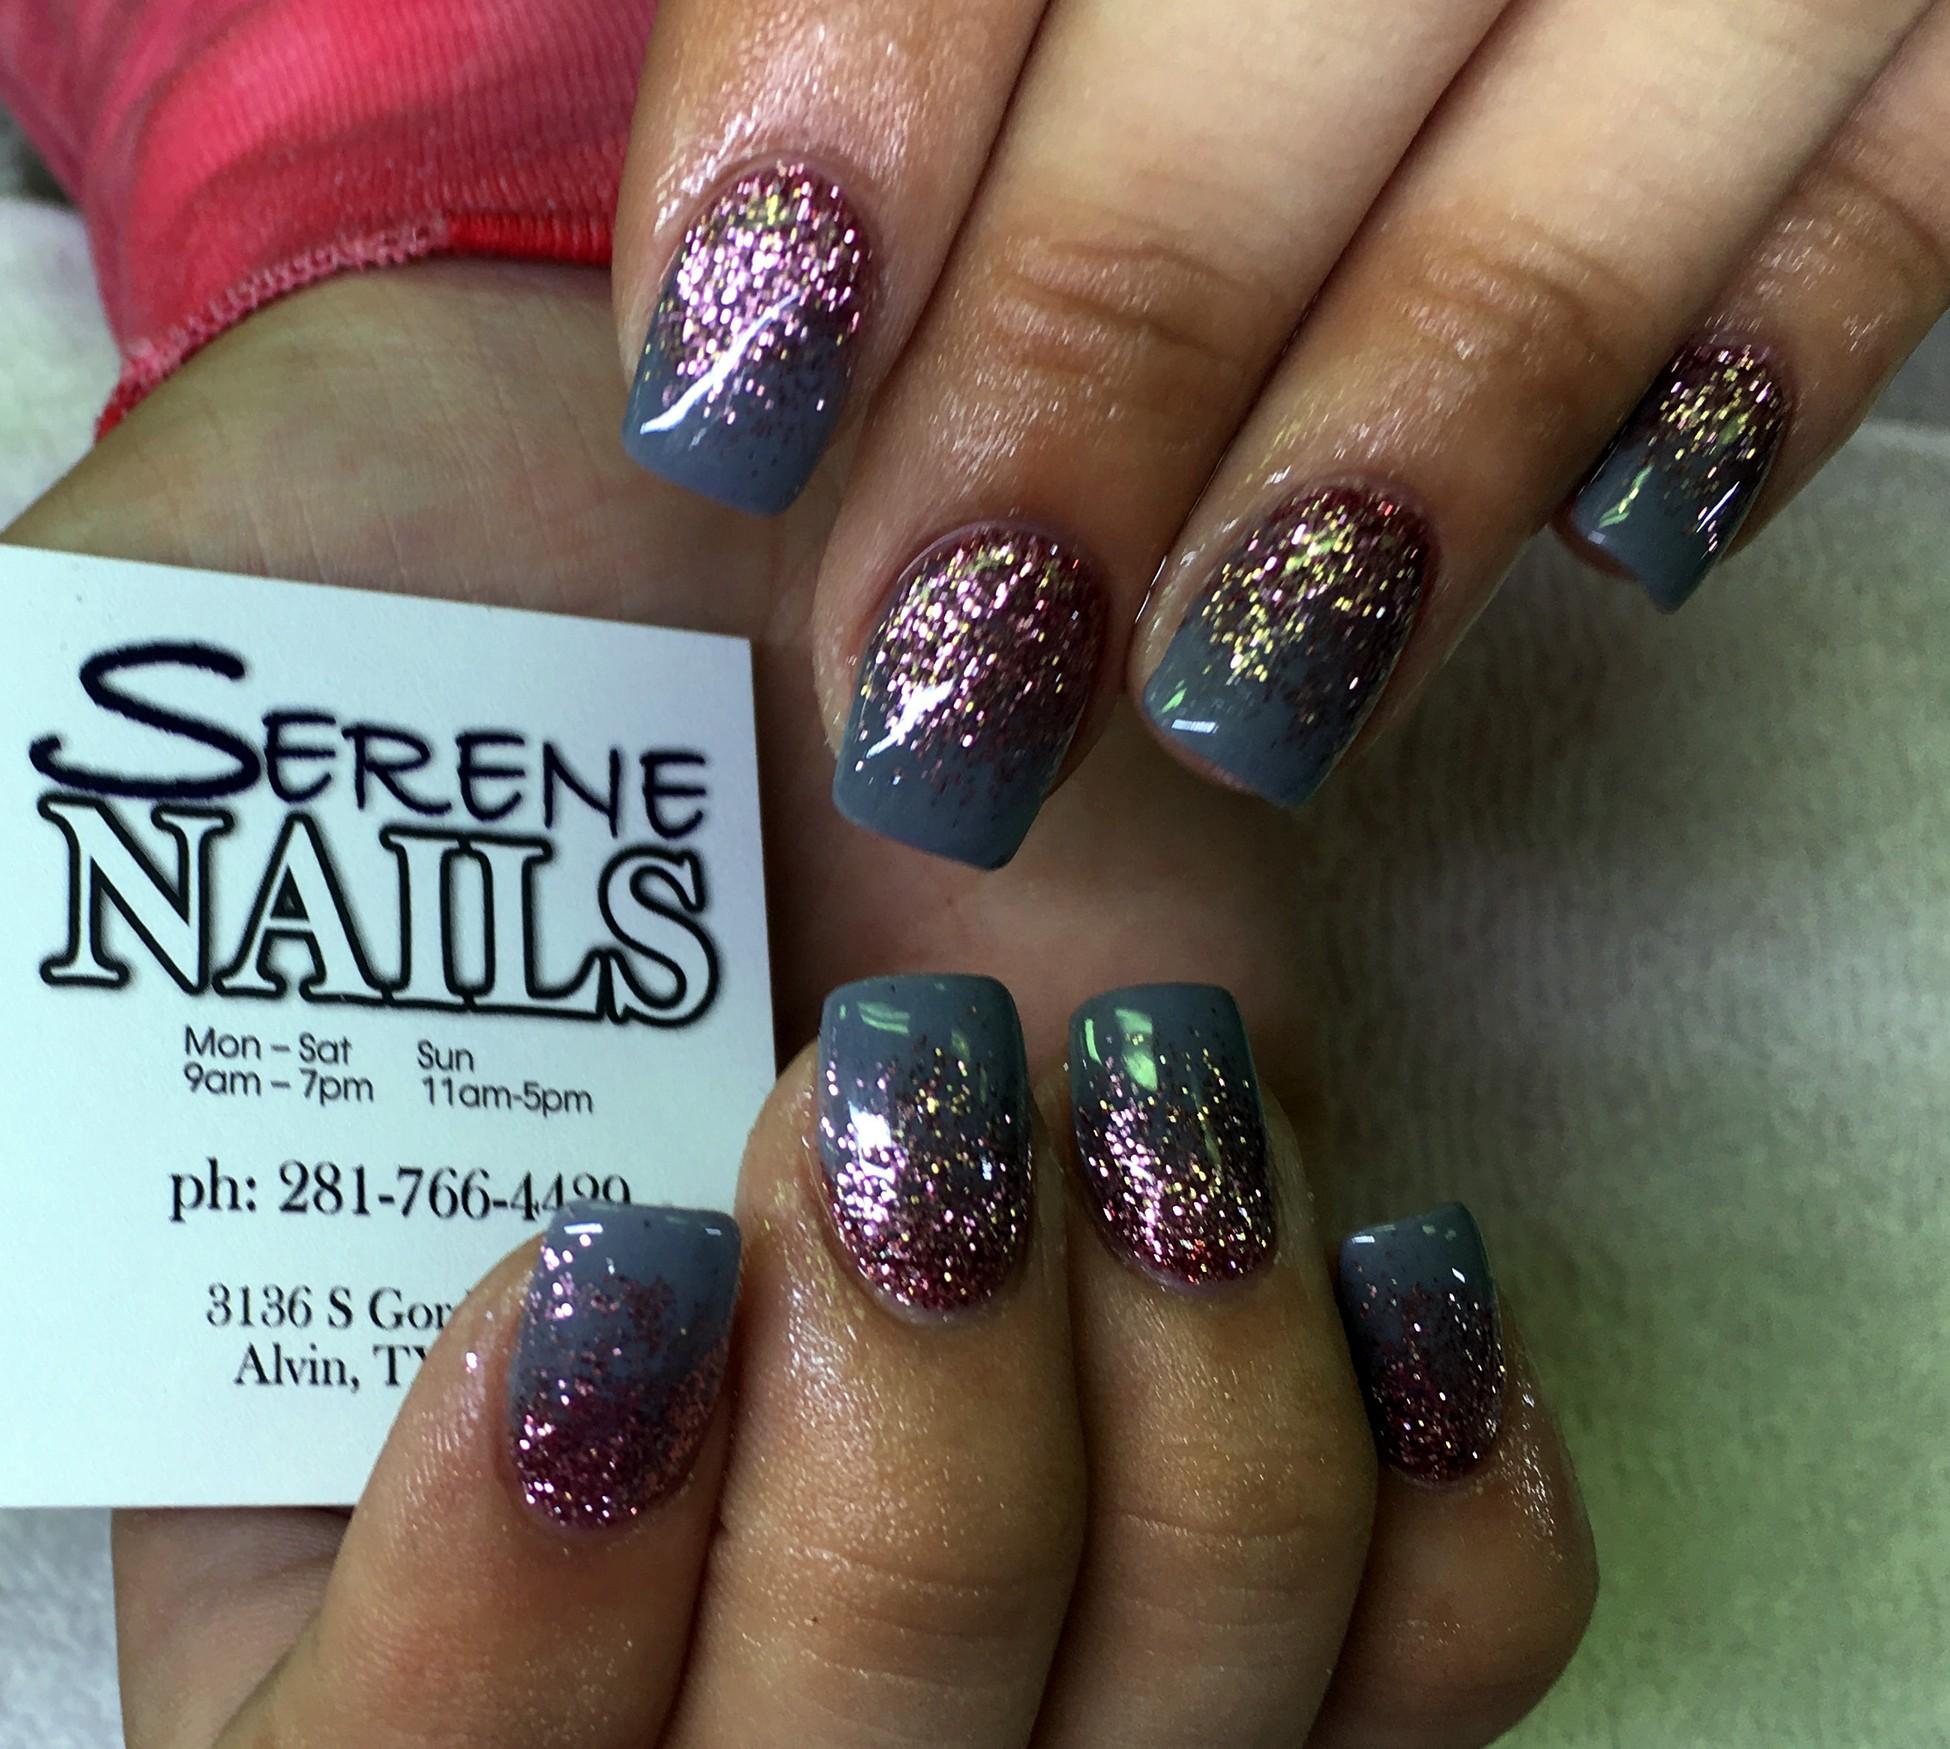 Serene Nails image 98